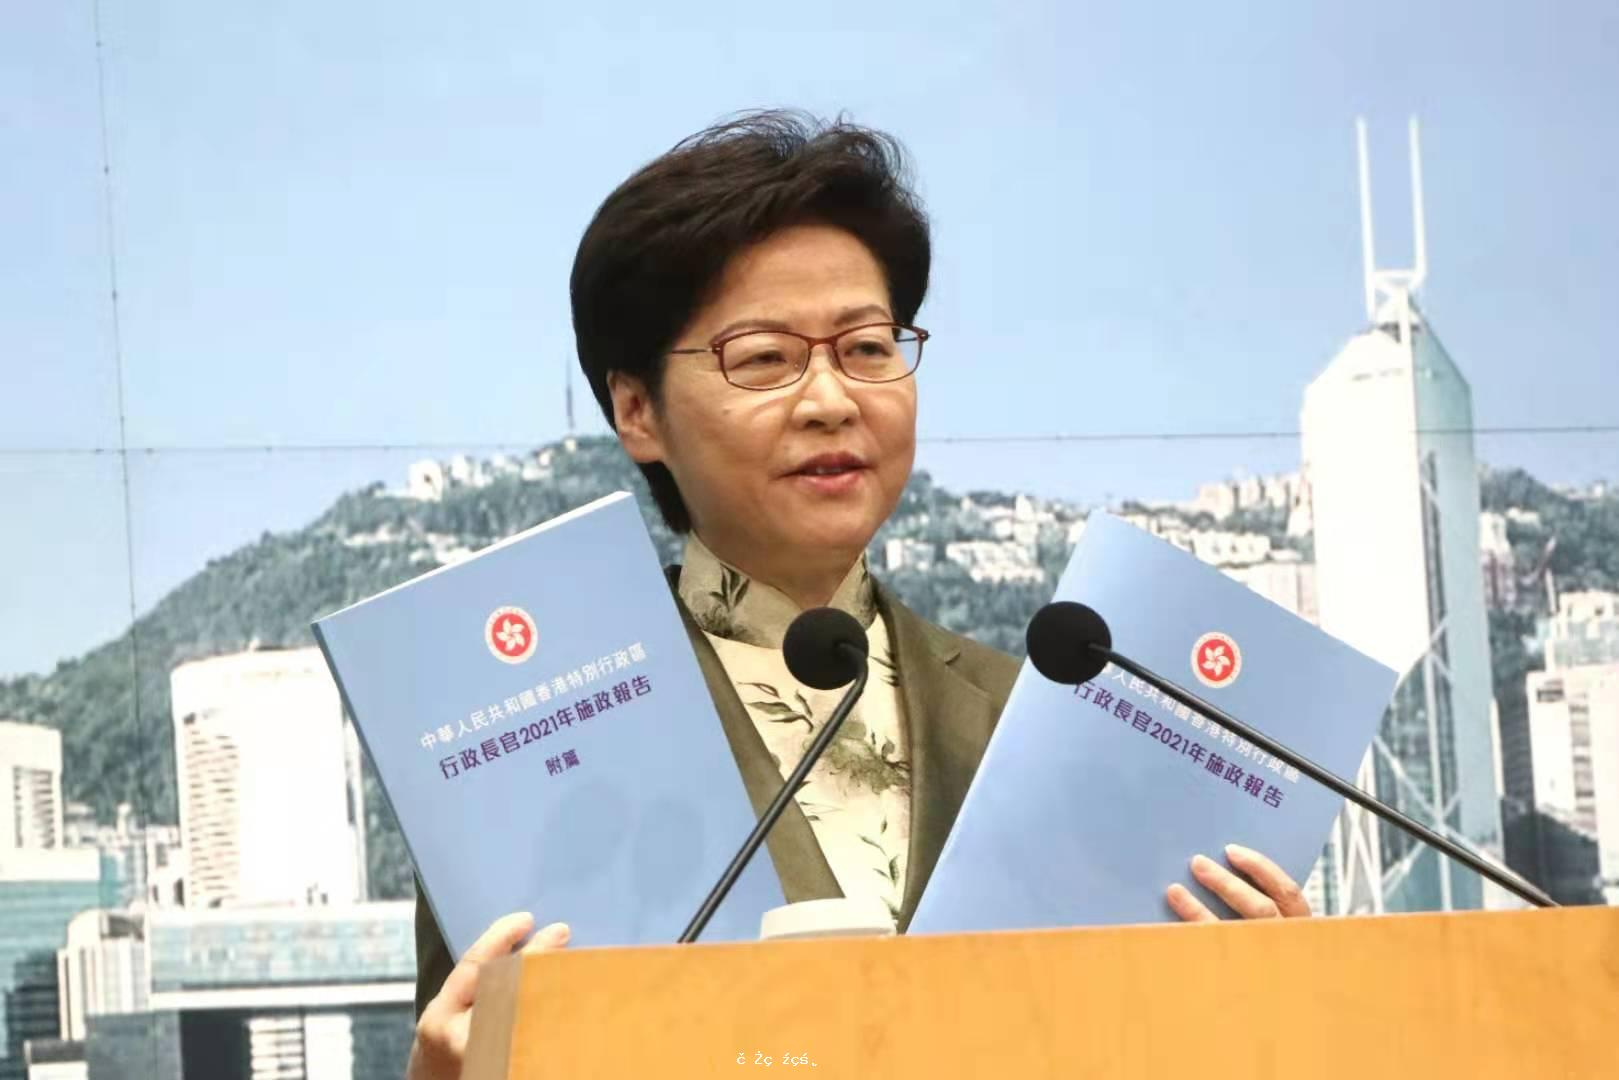 林鄭月娥:特區政府支持國家實施反外國制裁法